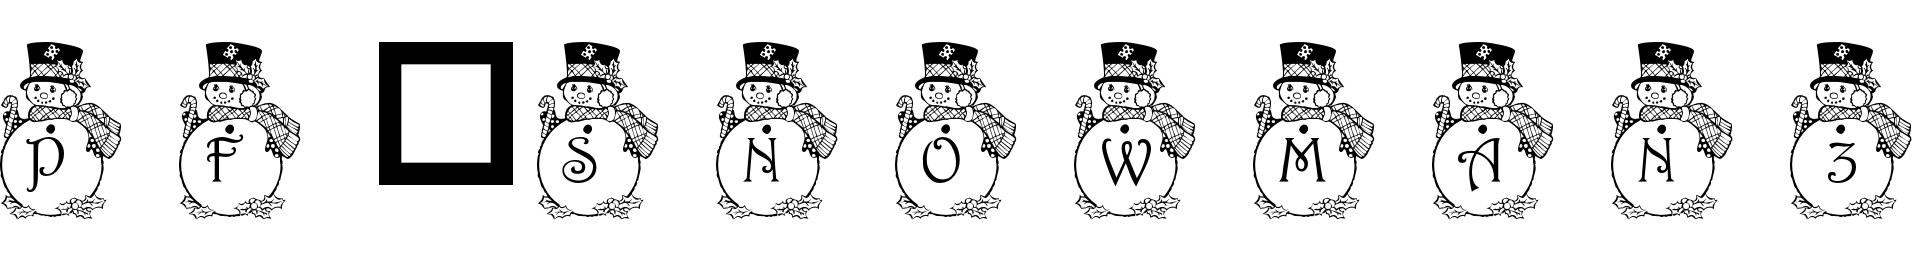 pf_snowman3